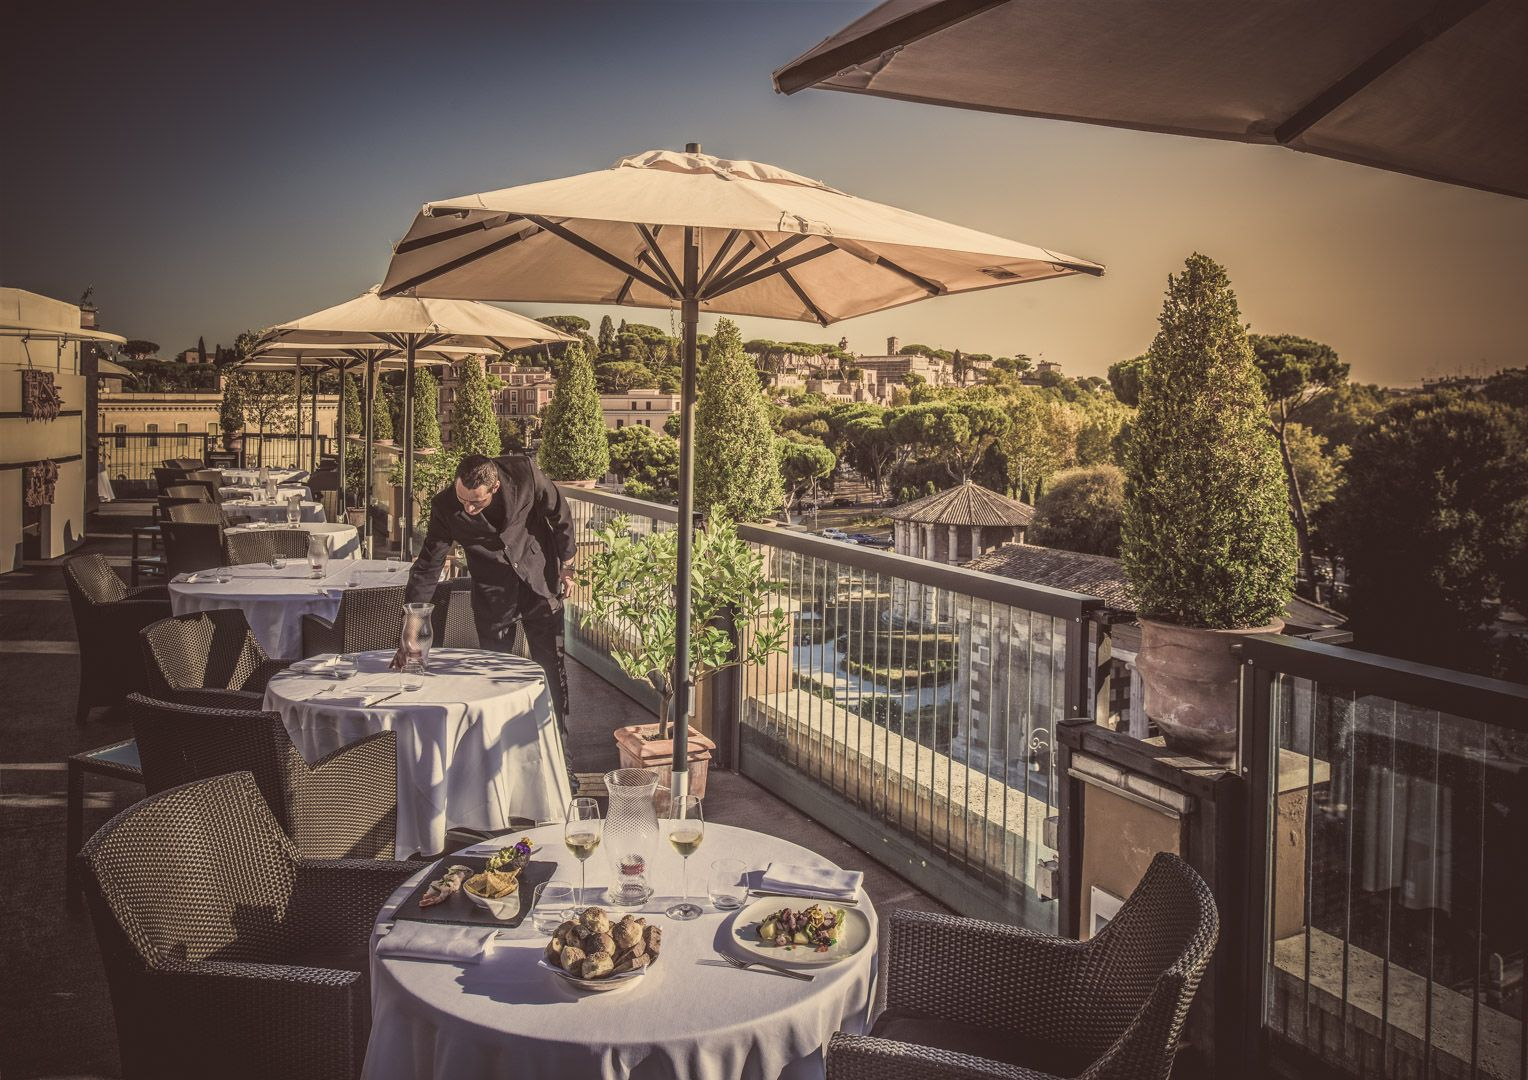 Ristorante roof garden Roma: terrazza panoramica e aperitivo ...